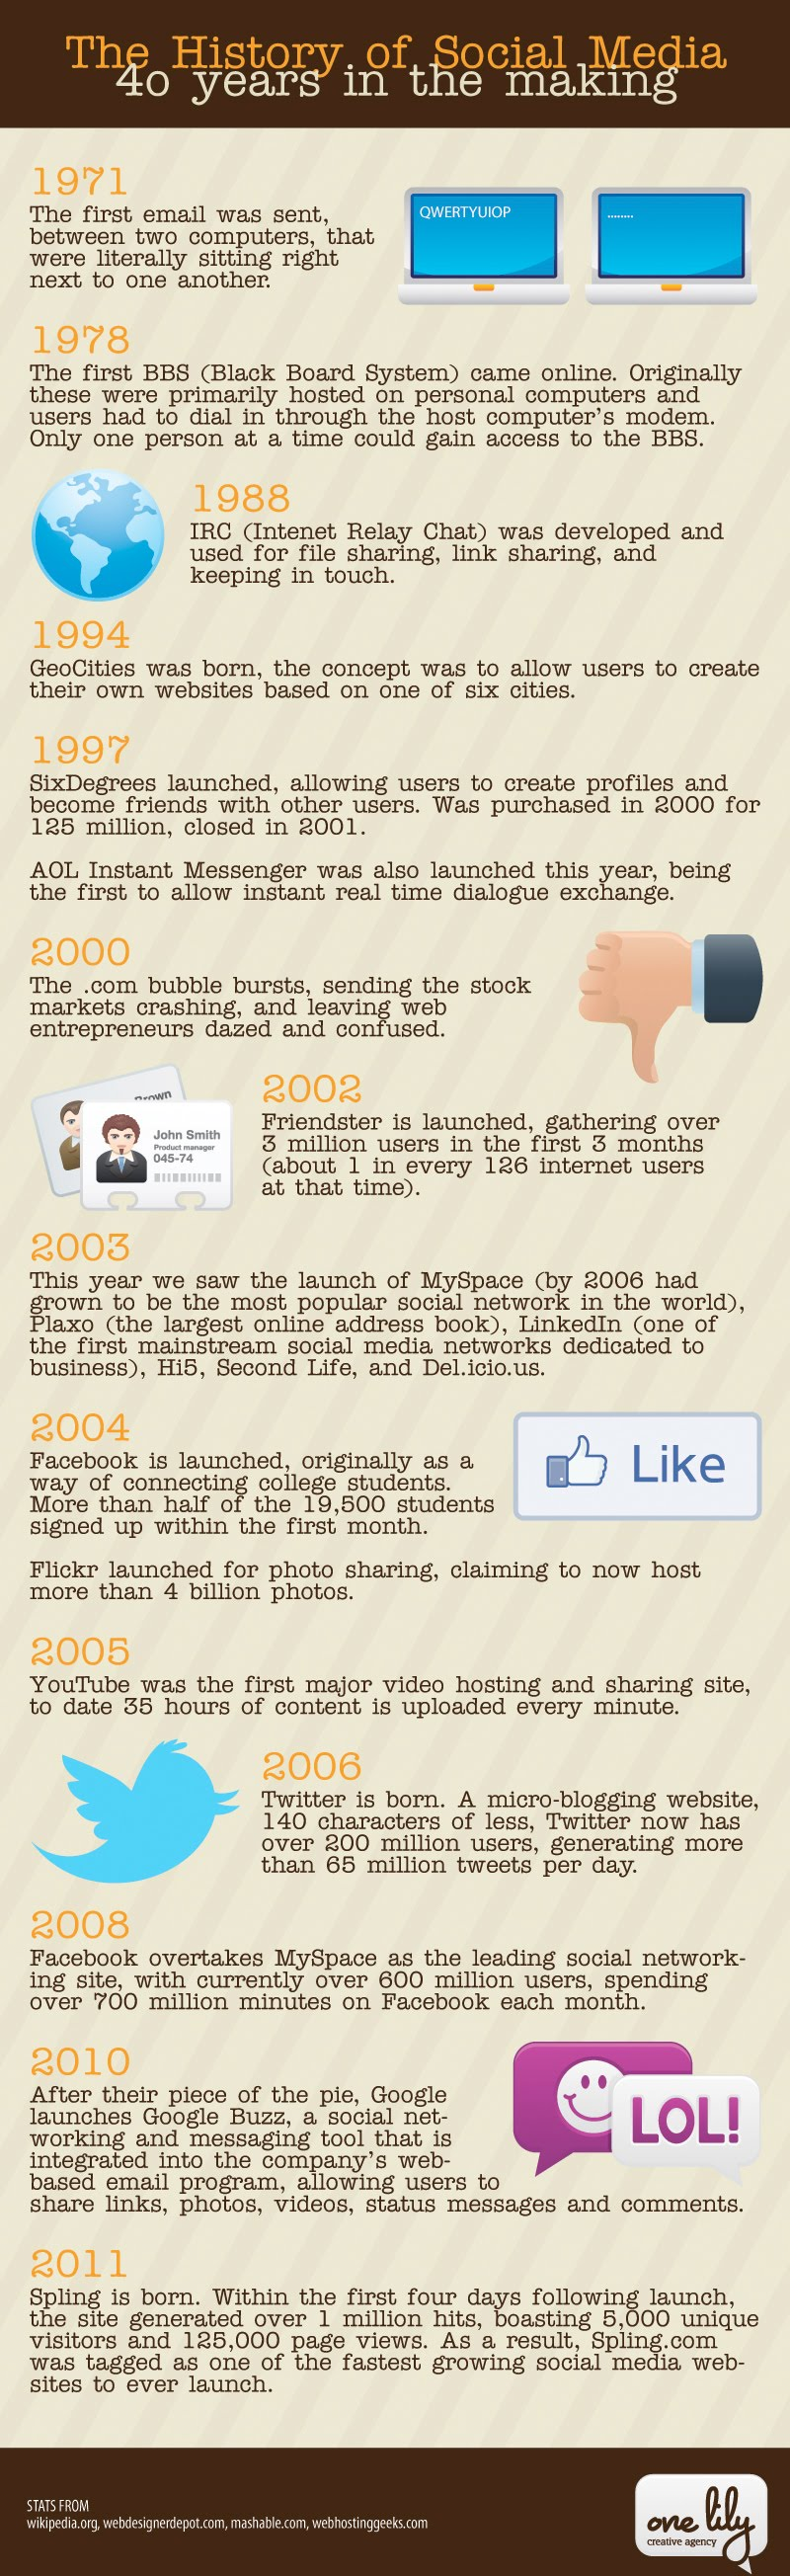 schéma présnetant l'historique des medias et réseaux sociaux depuis 40 ans